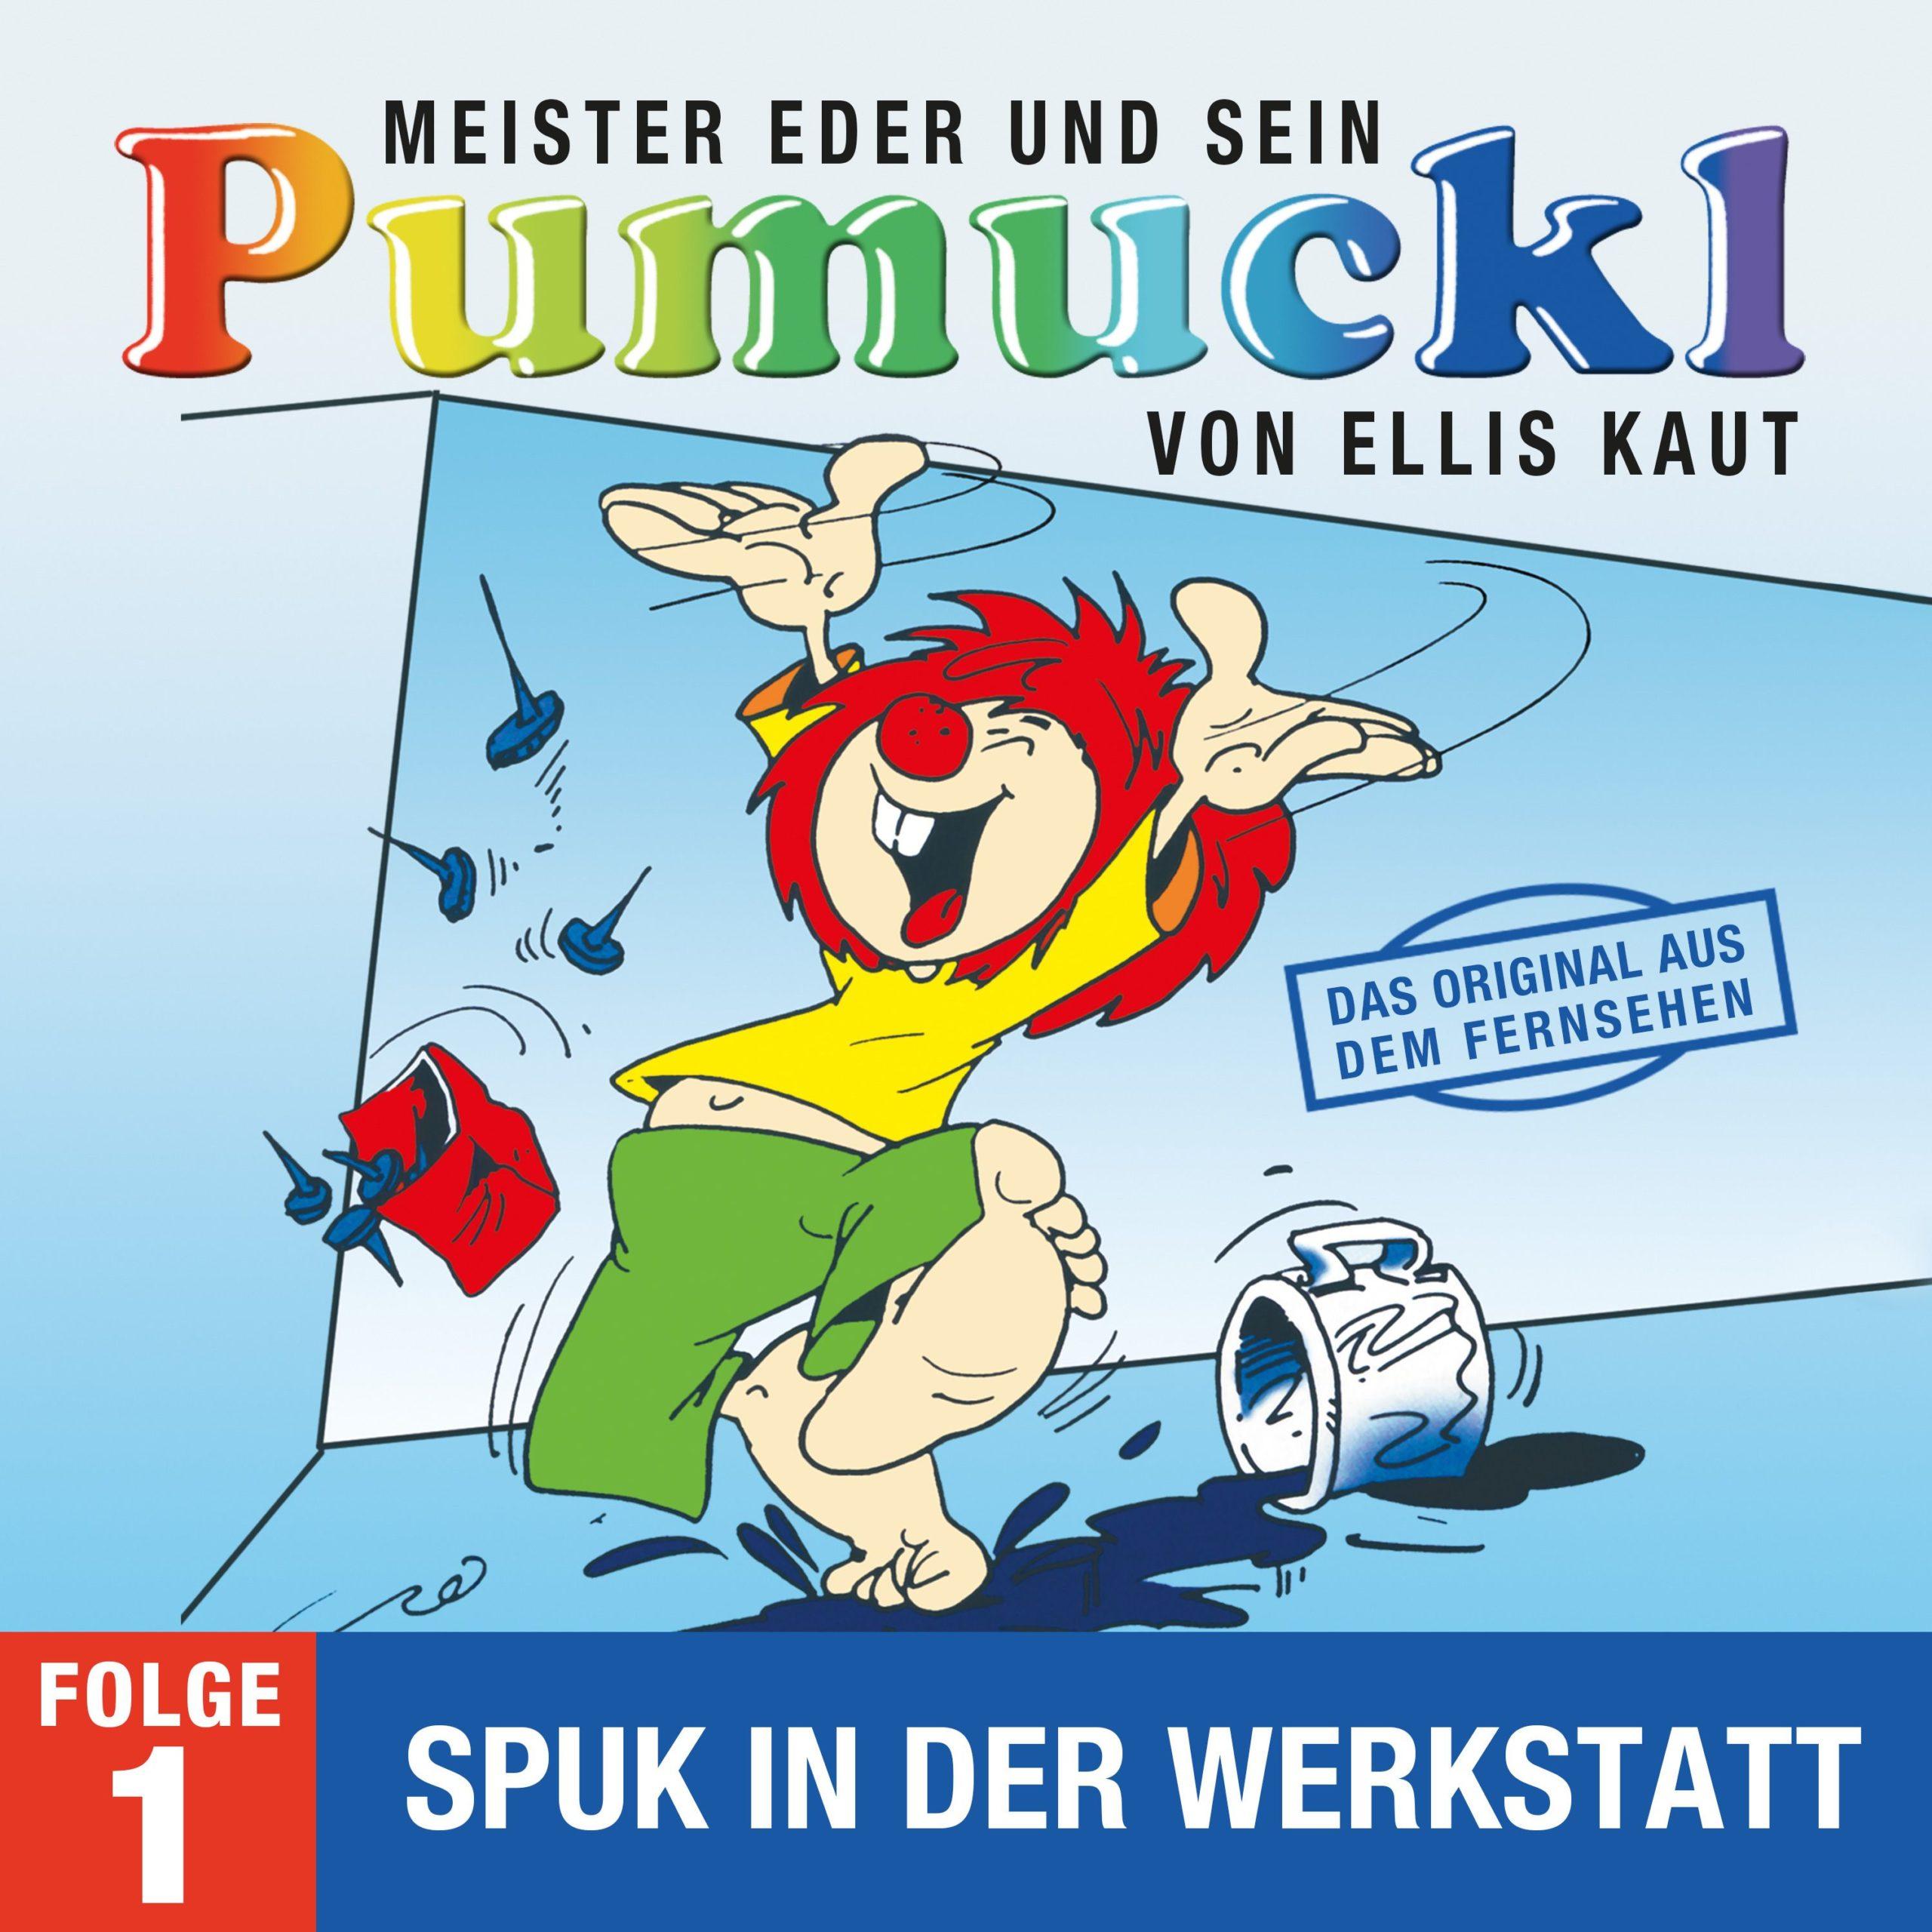 Ellis Kaut - Meister Eder und sein Pumuckl (Album Cover)